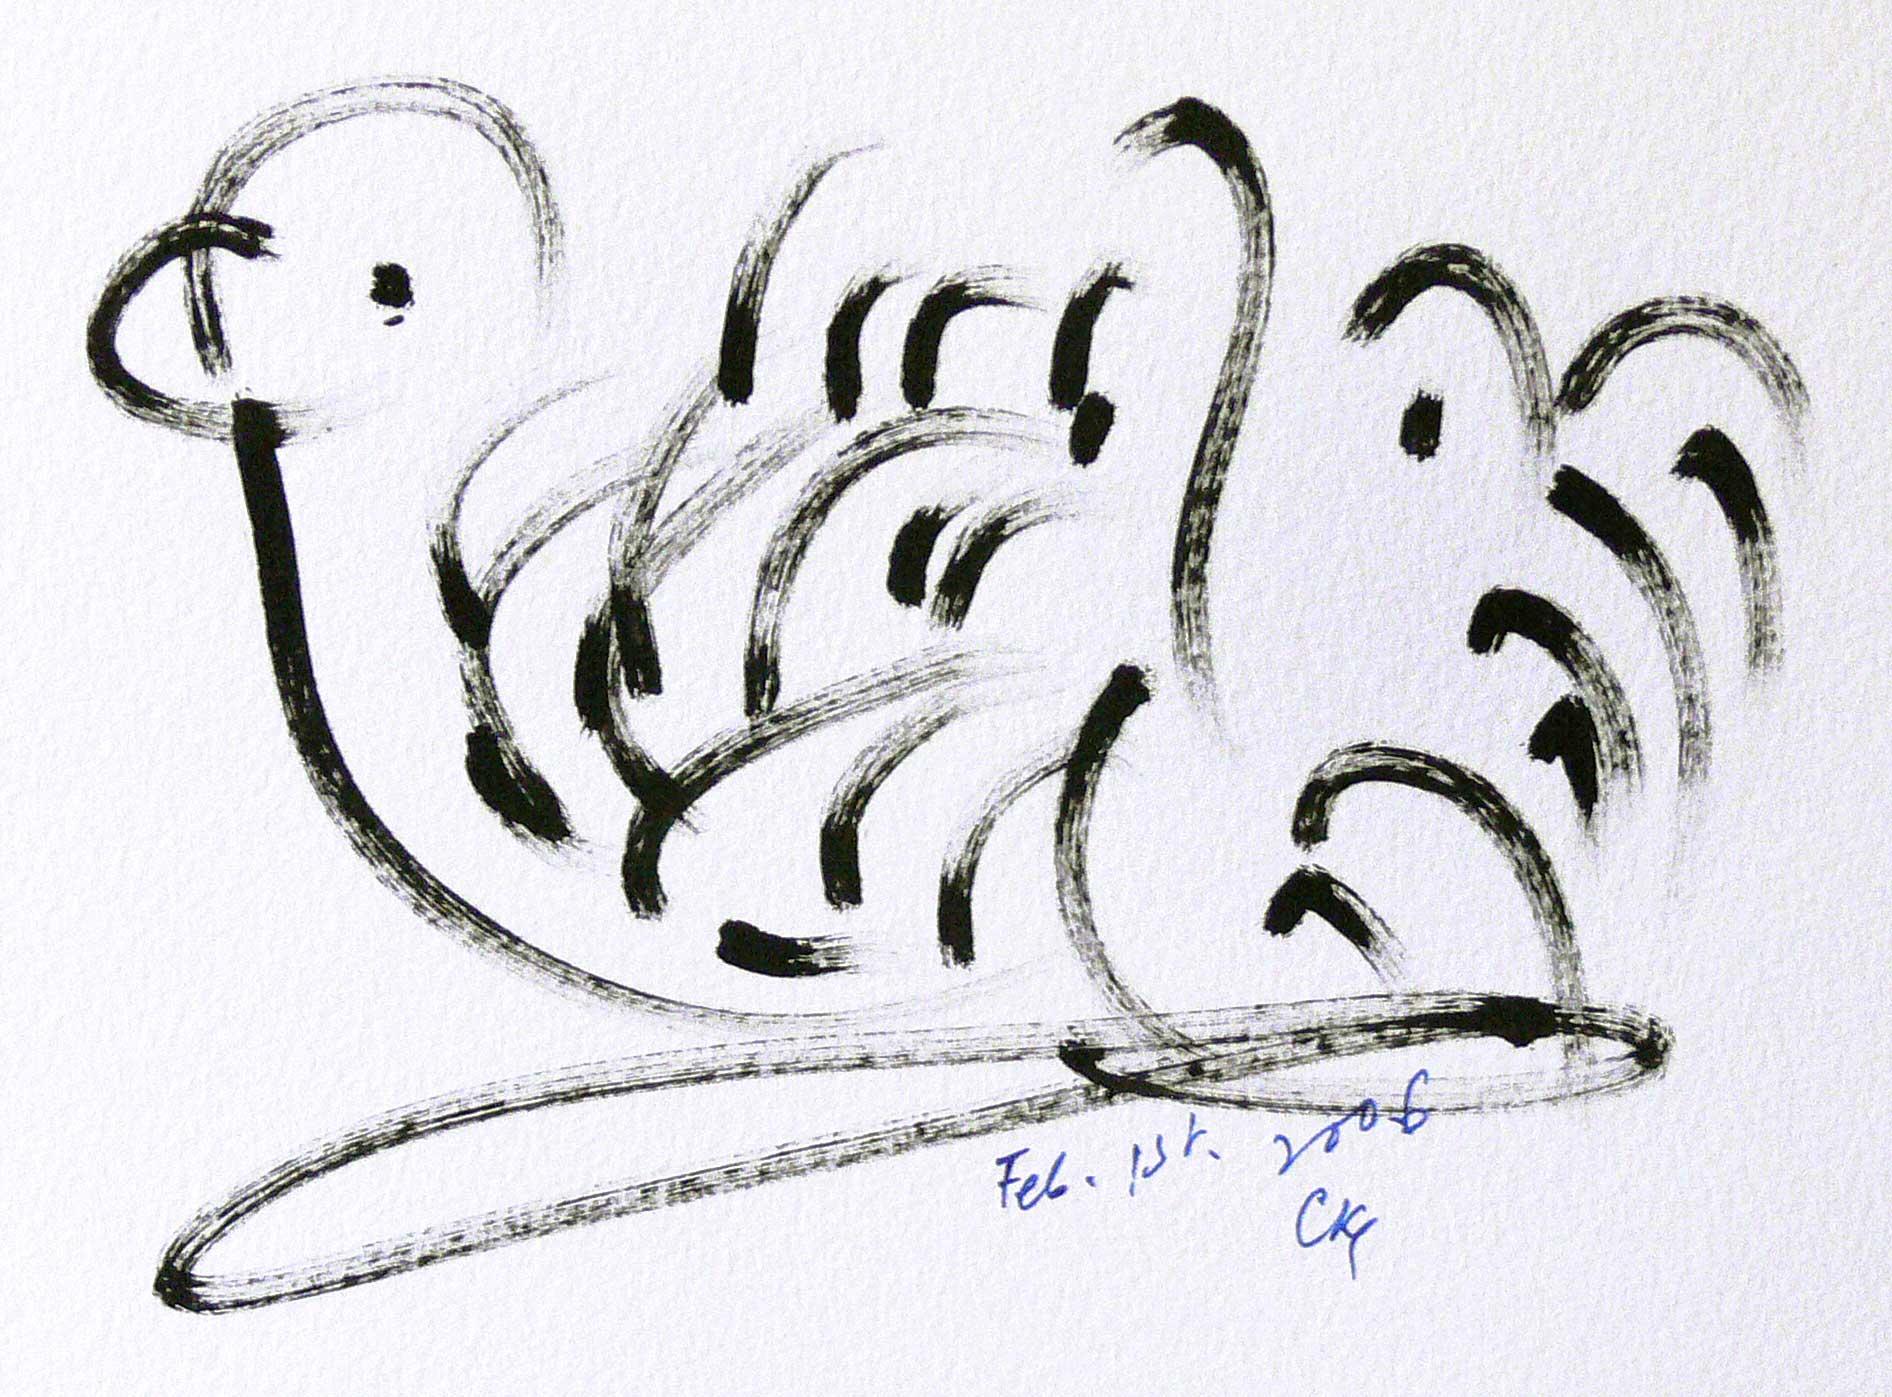 _Bird-Drawing-by-Sri-Chinmoy-1-2-2006-4-sri-chinmoy